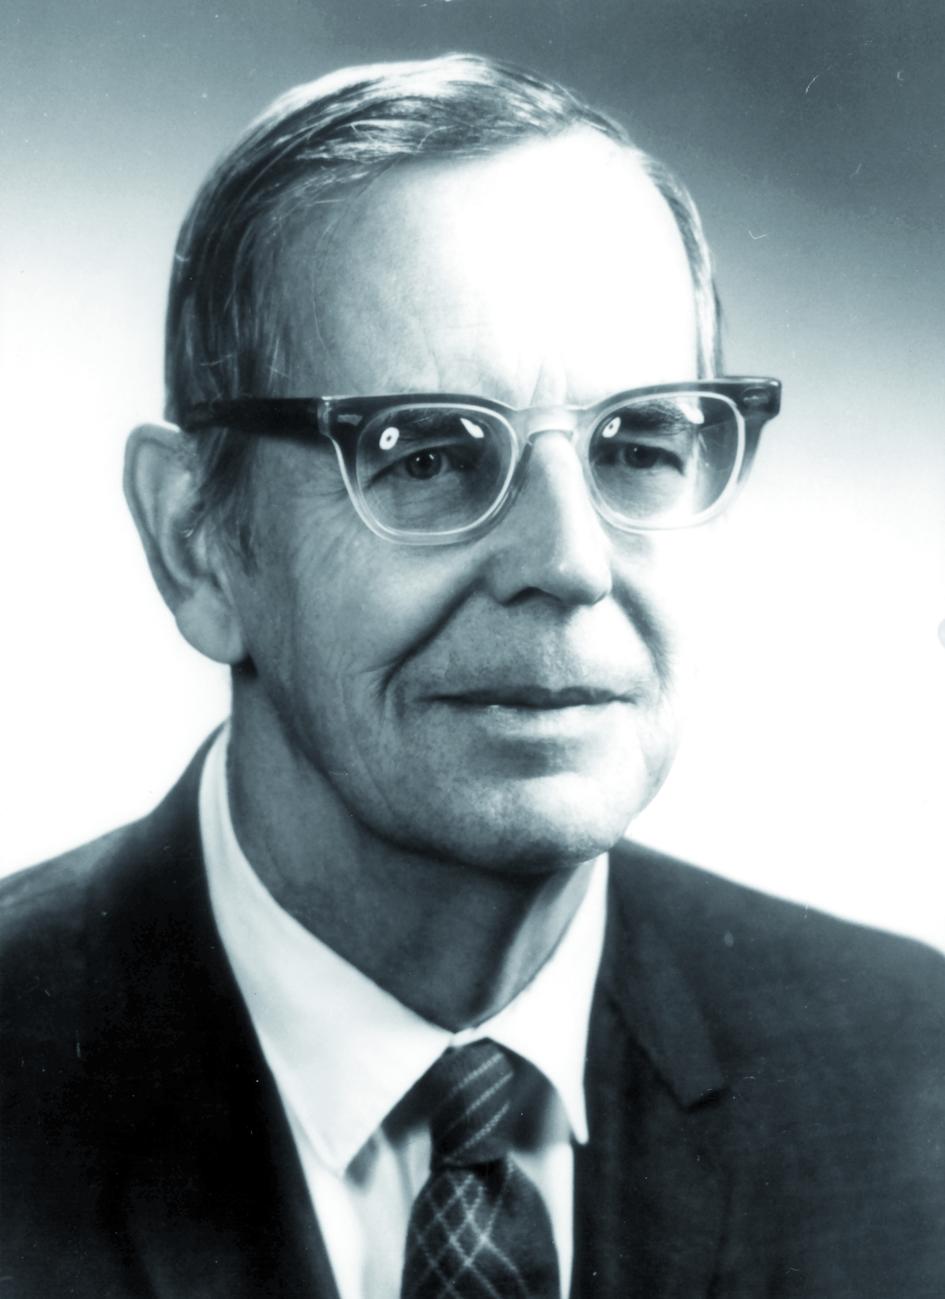 Portraitfoto von Herrn William L. Russell.